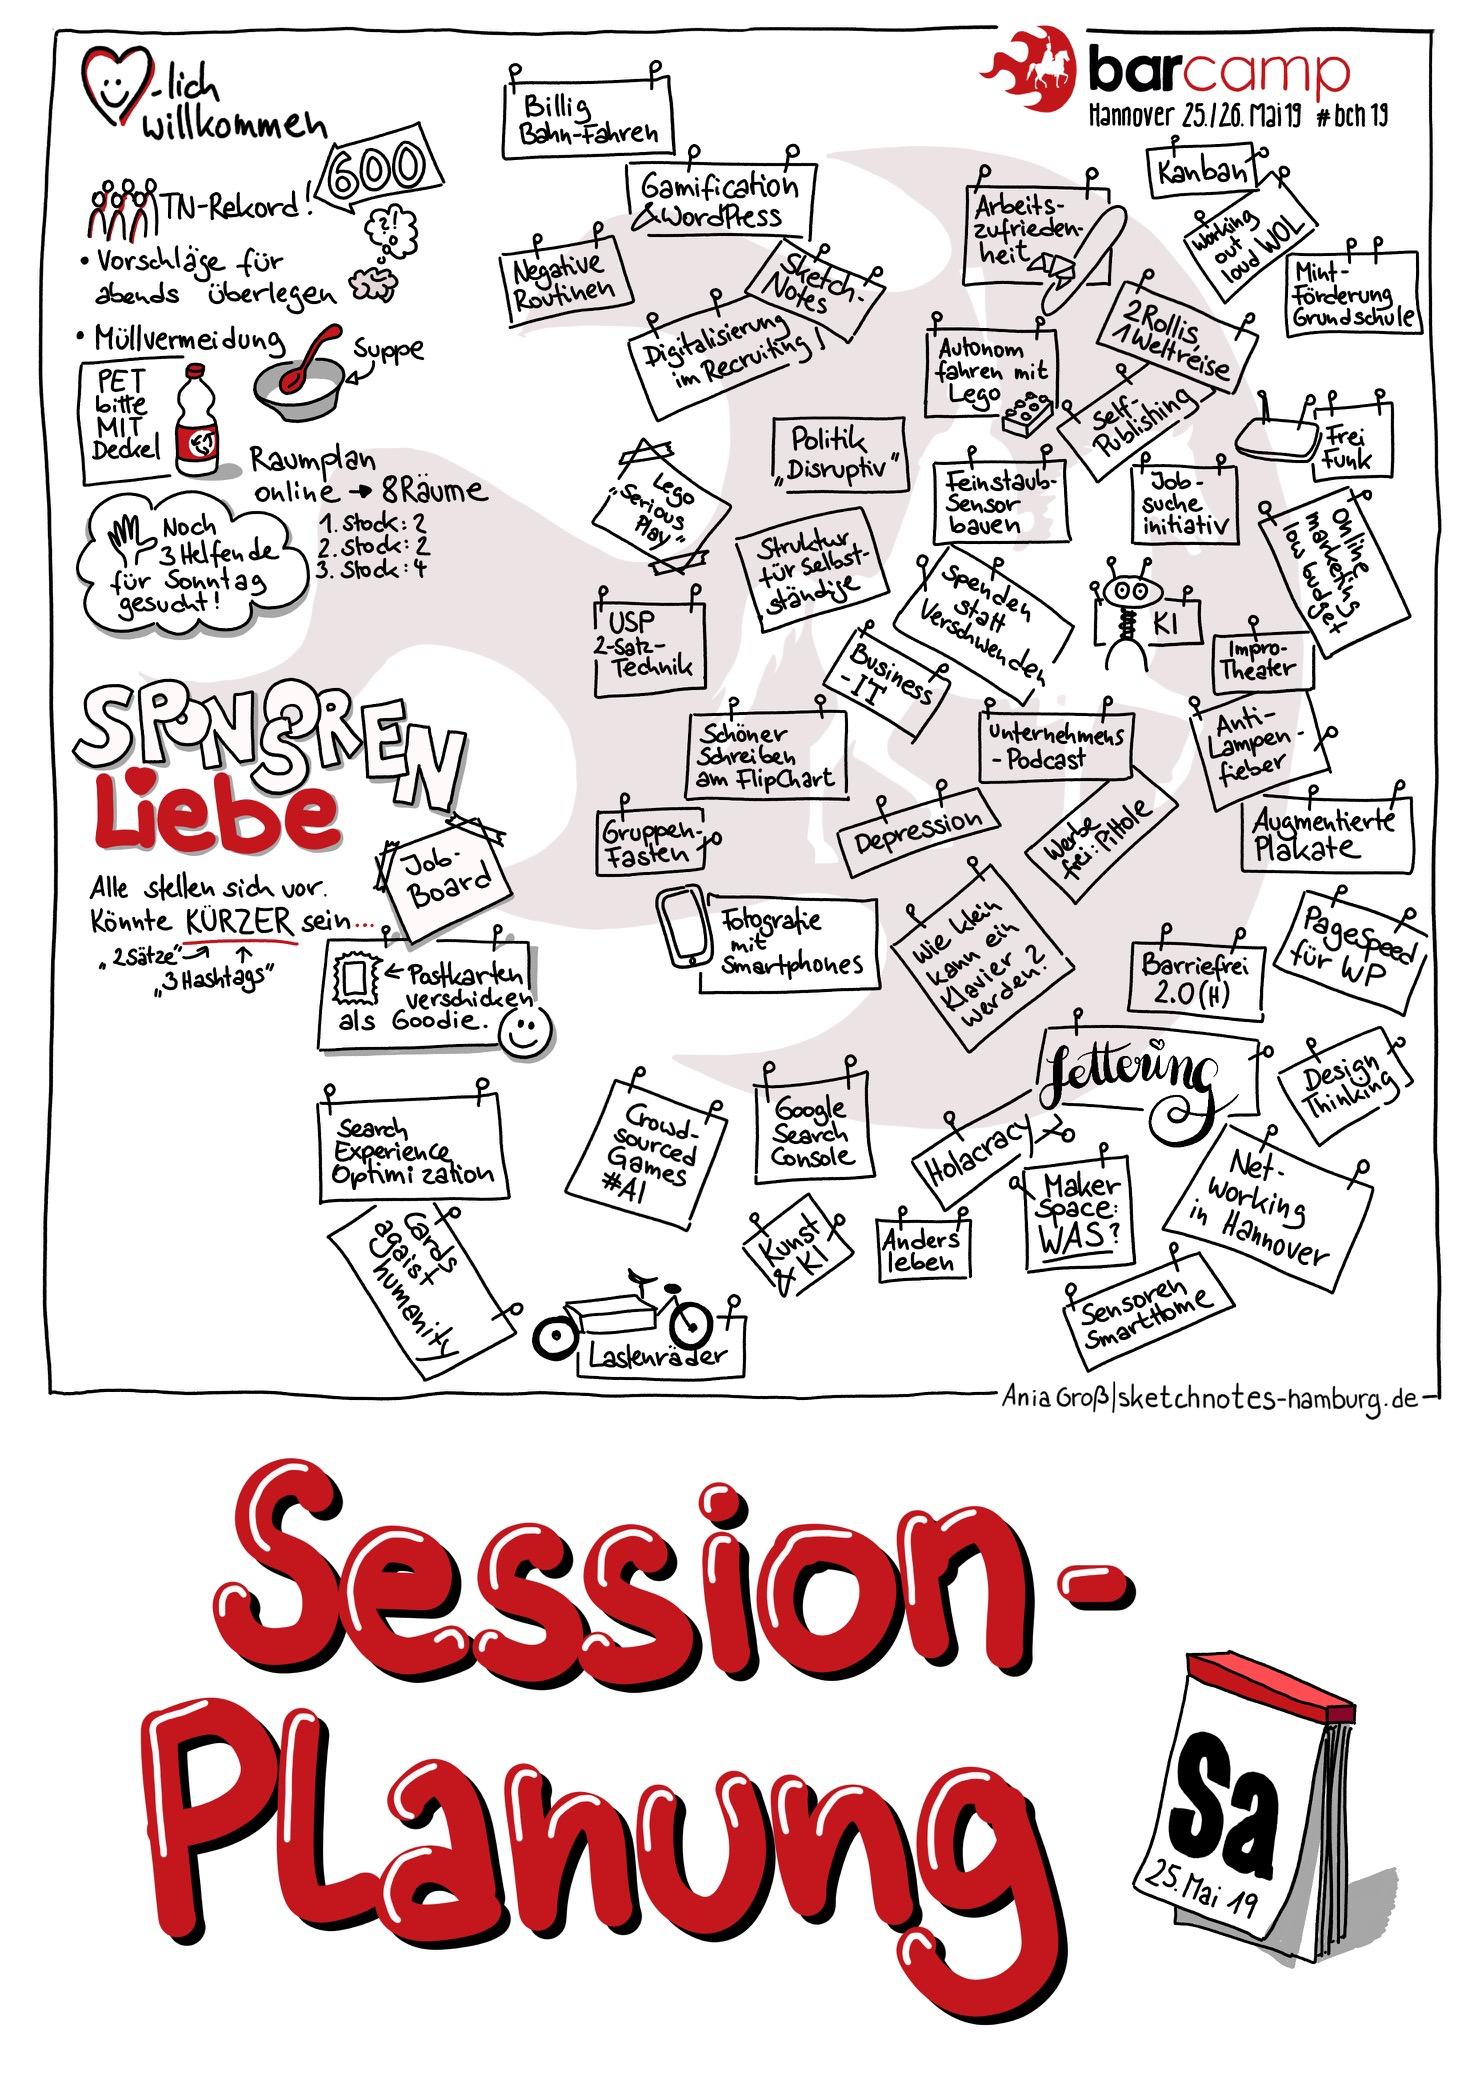 Mehr Teilnehmende denn je, Müllvermeidung als wichtiges Thema und viele, viele Sessionvorschläge an Tag 1 Sketchnotes: © Ania Groß